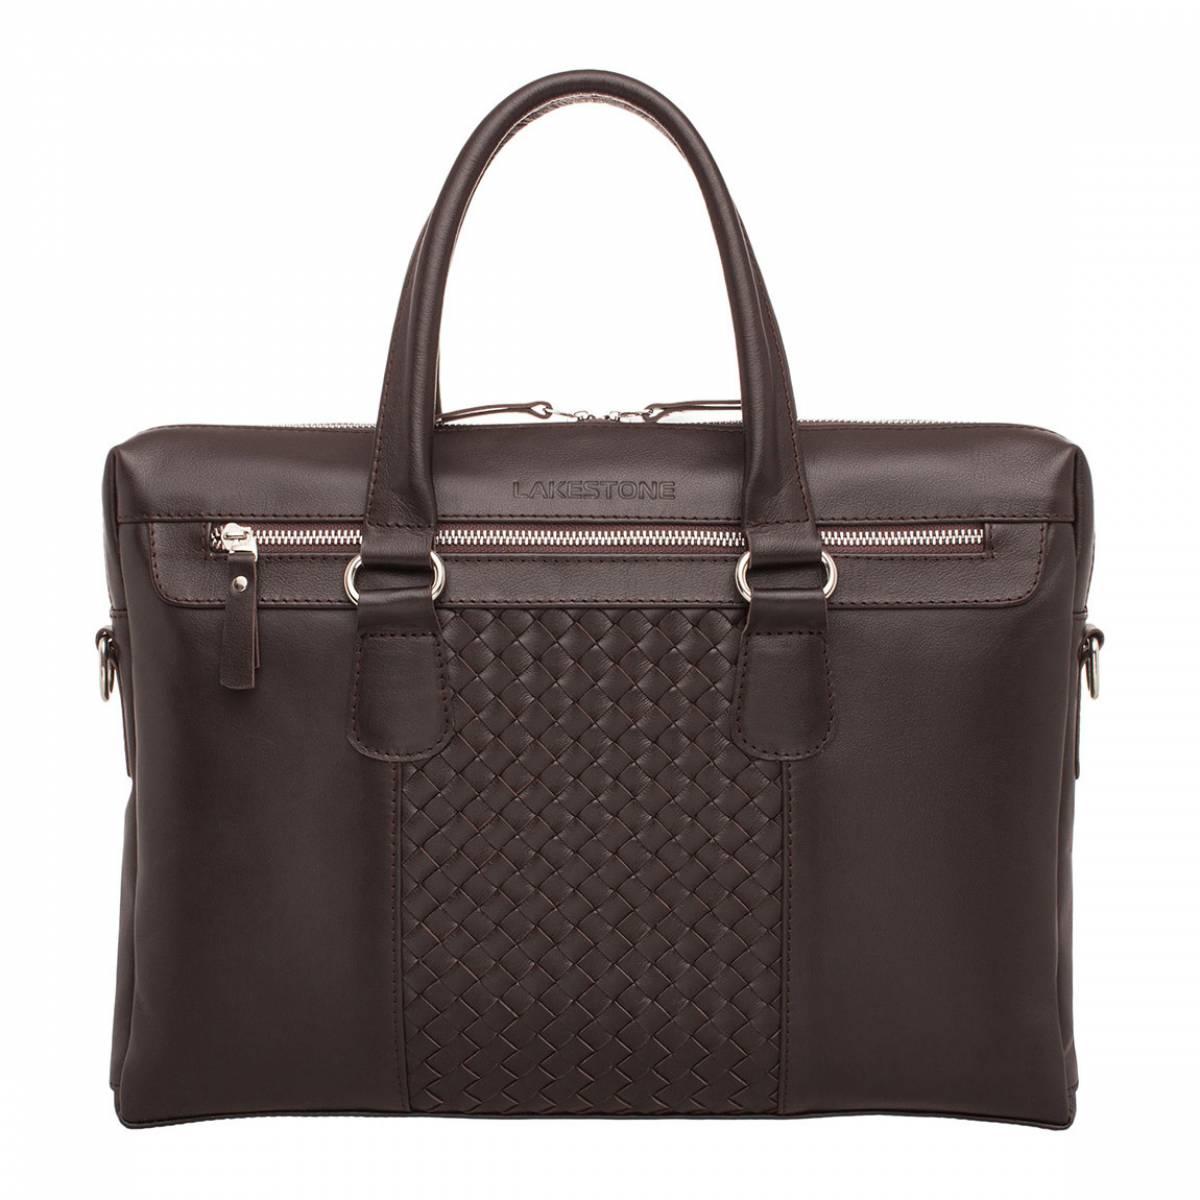 Деловая сумка Bramley Brown из кожи для ноутбука